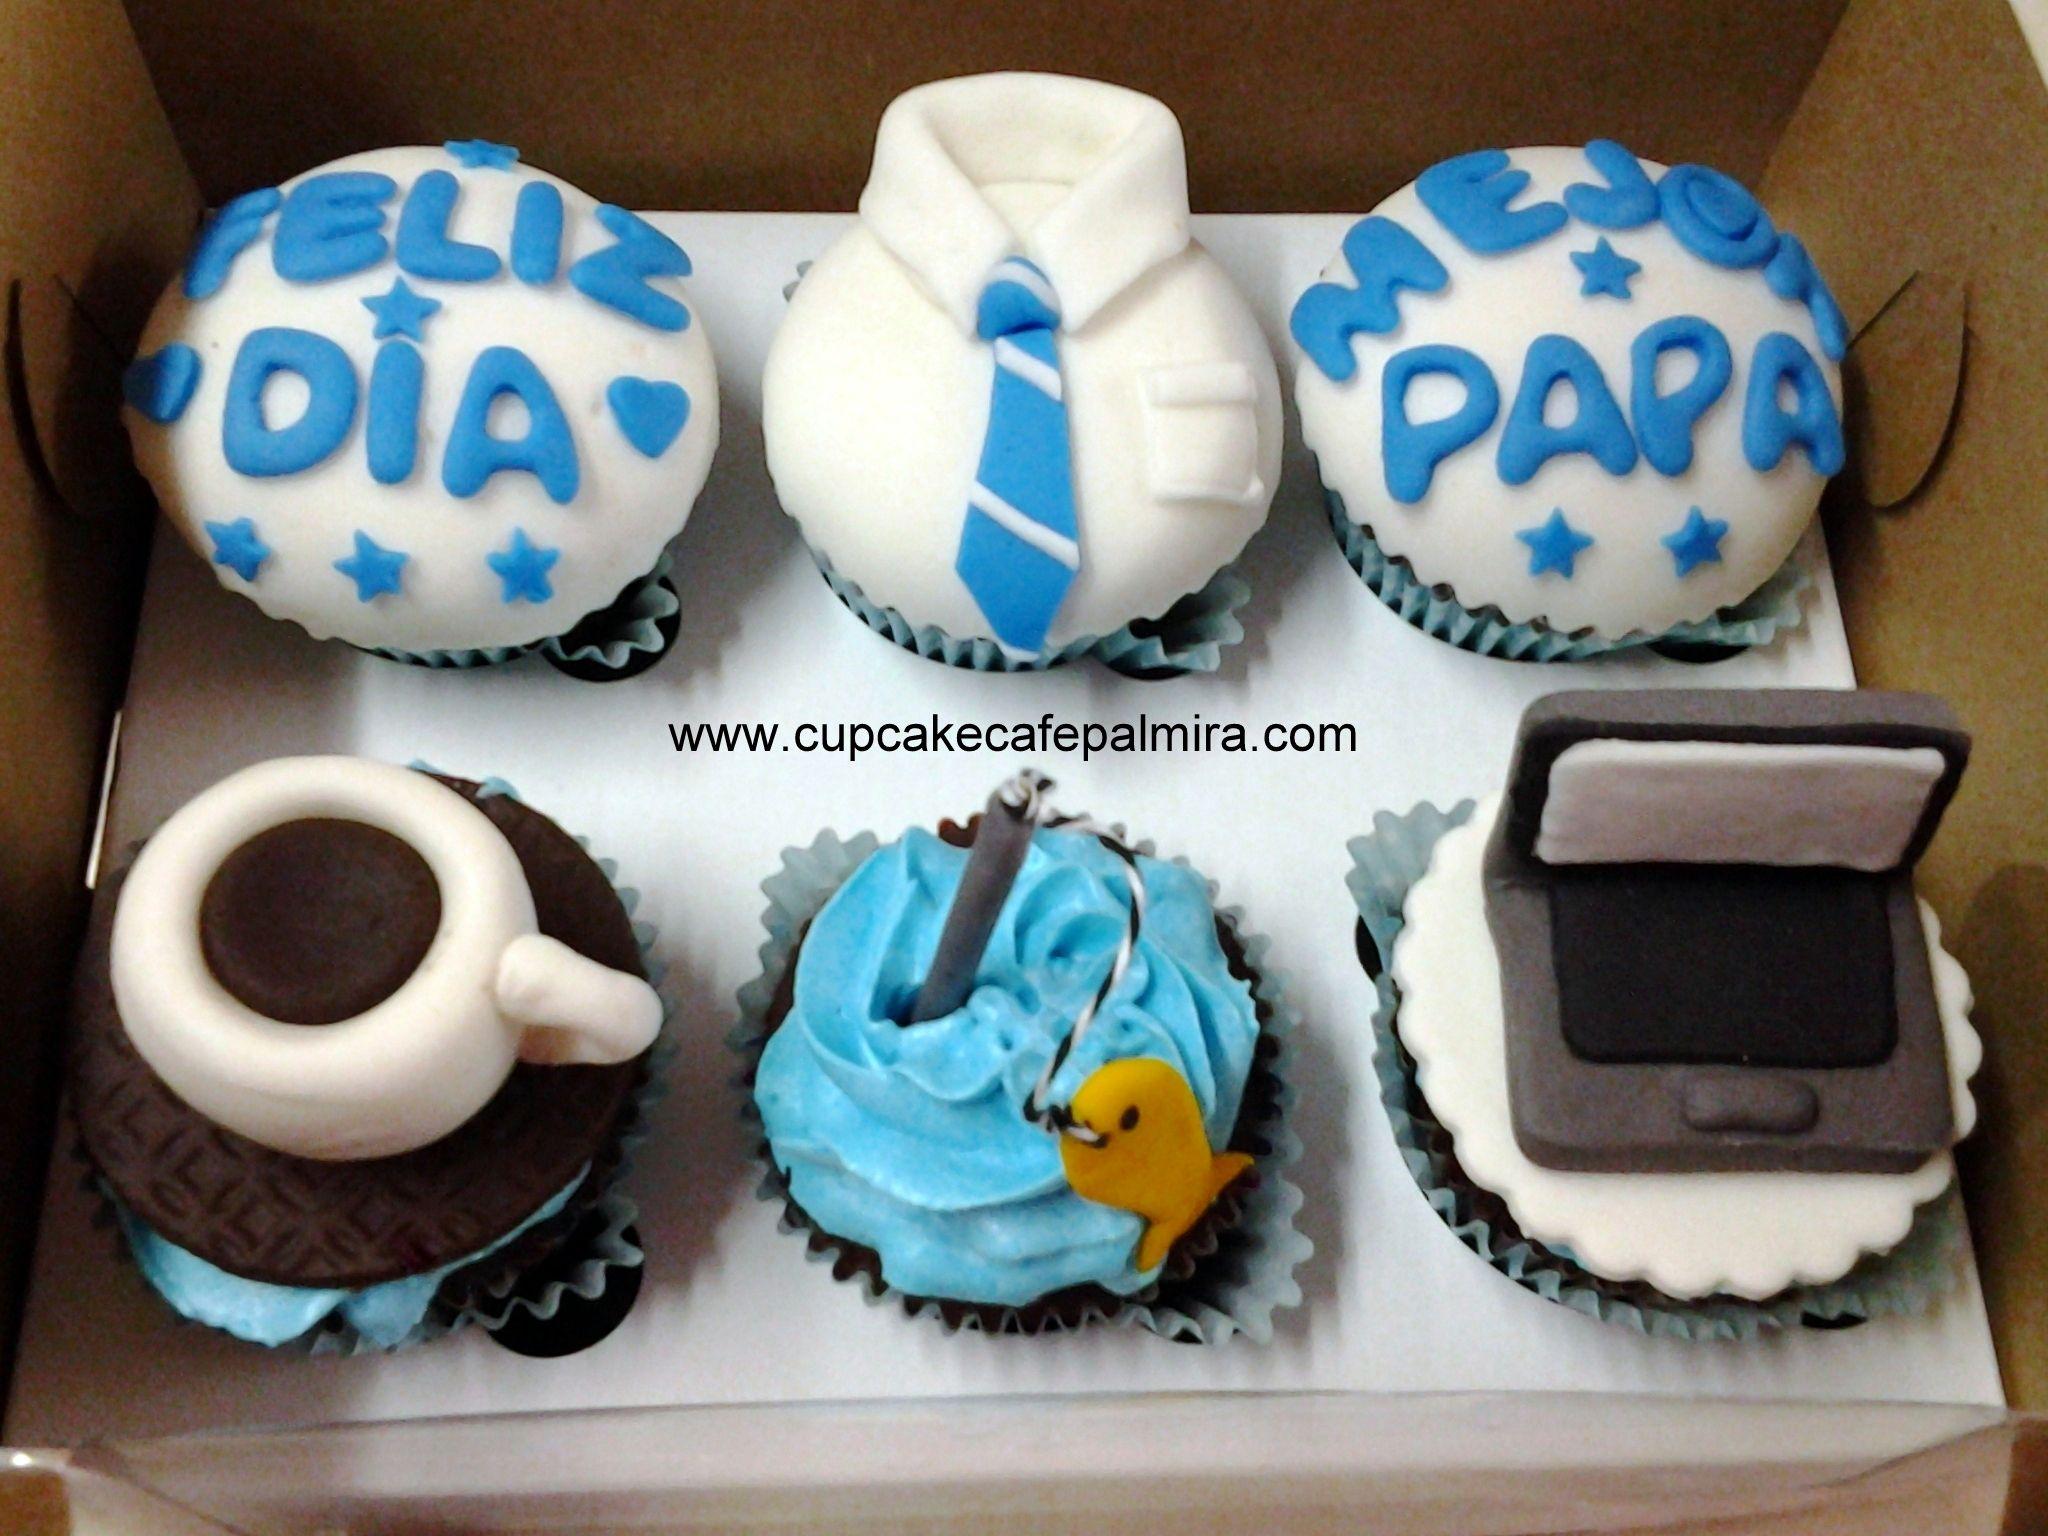 father 39 s day cupcakes father 39 s day cupcakes in 2018. Black Bedroom Furniture Sets. Home Design Ideas